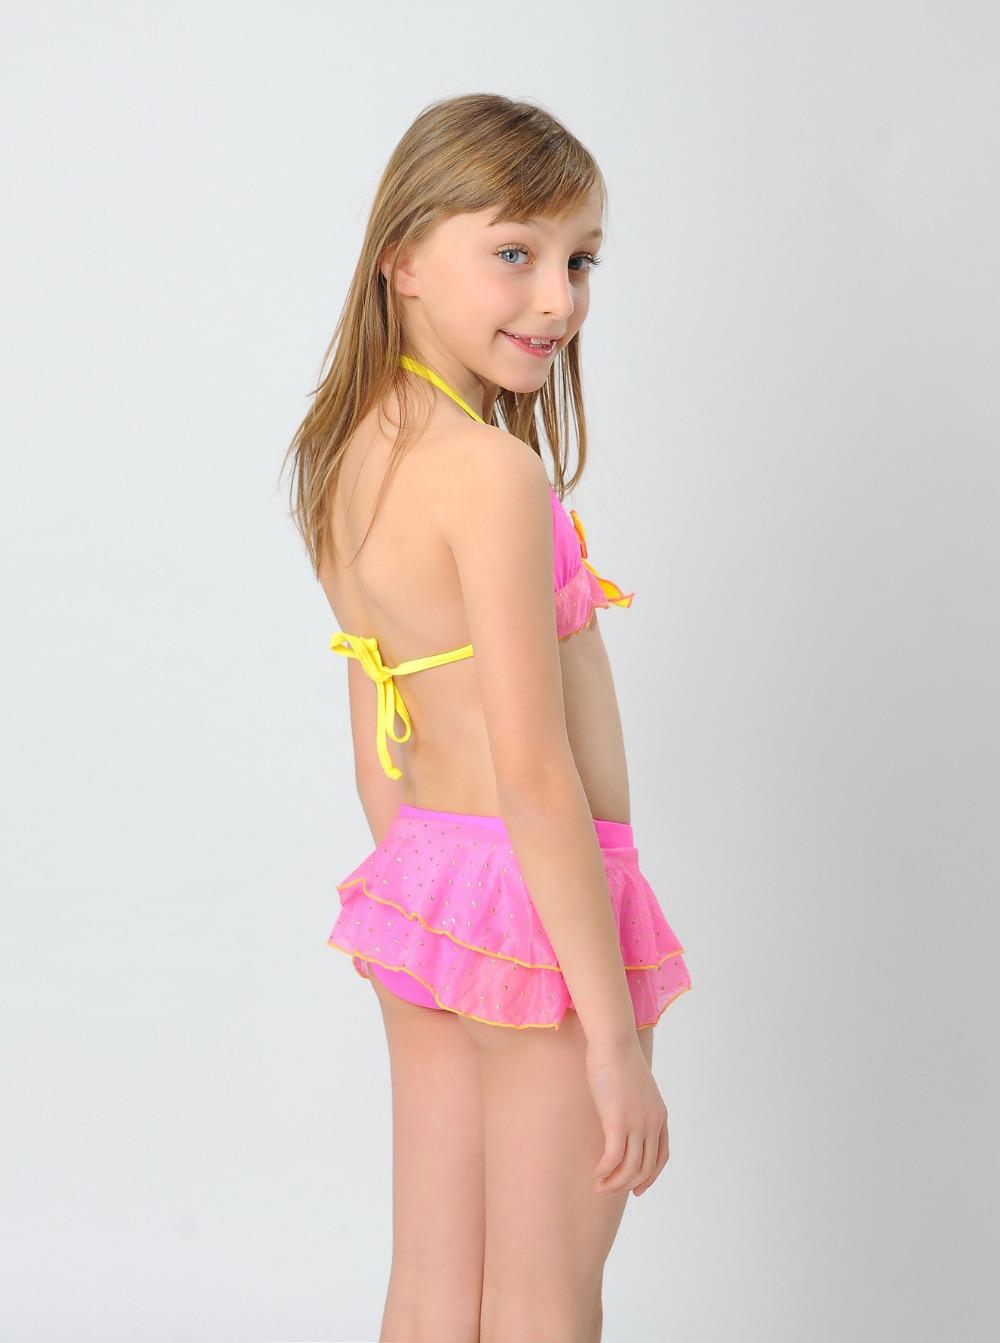 Naked teen model torrent amusing